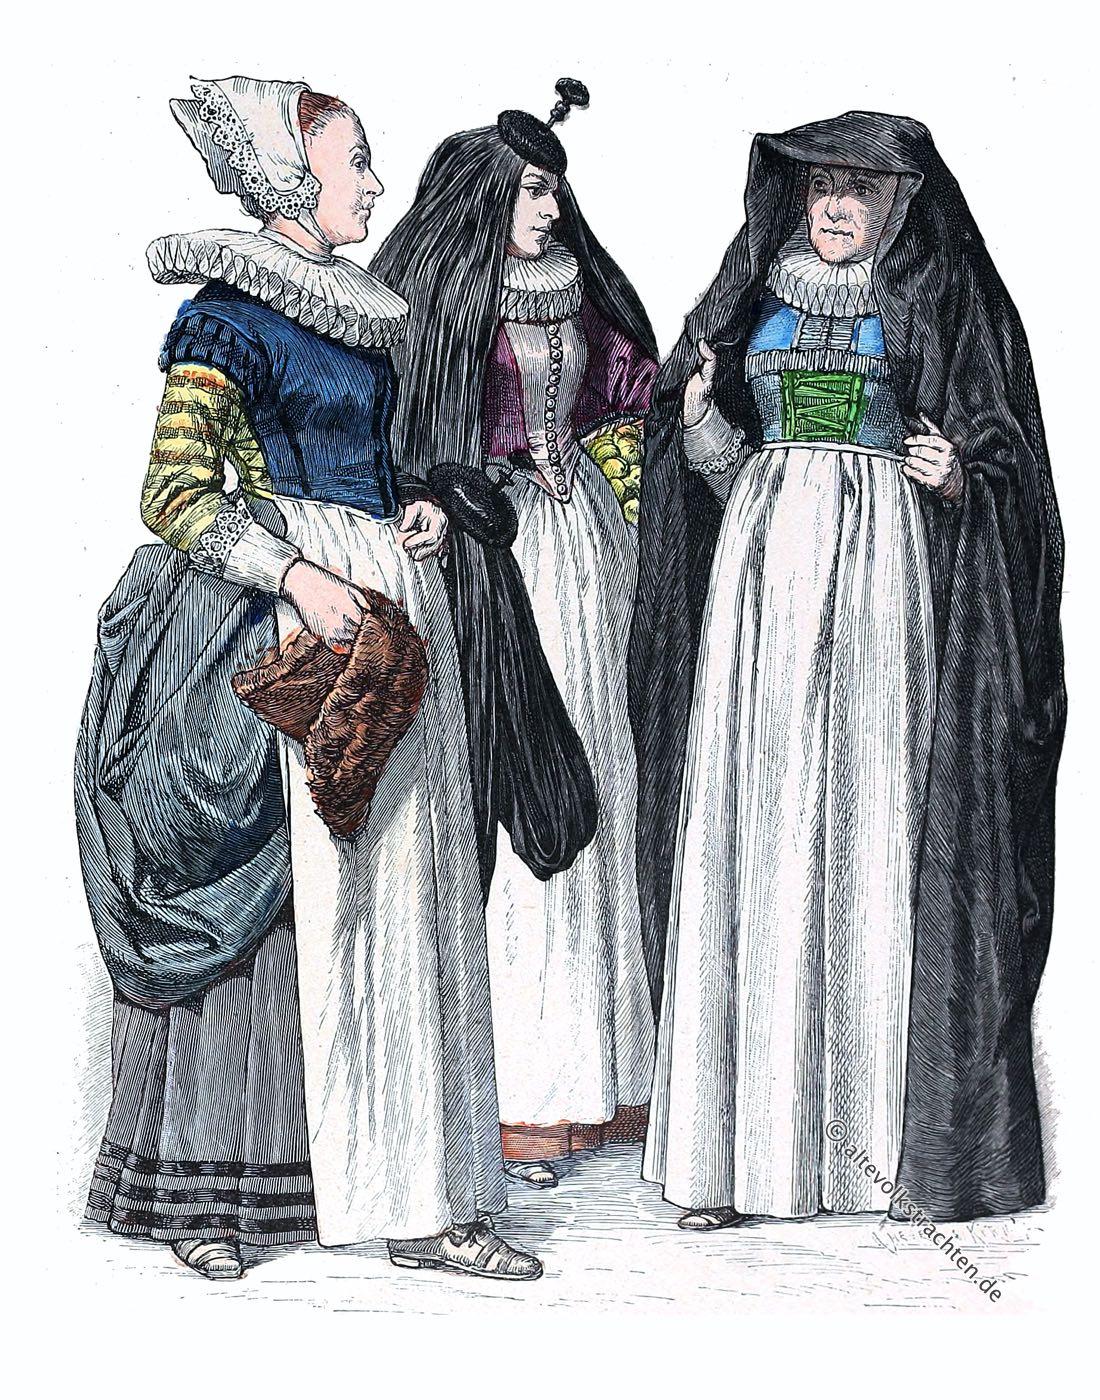 Münchener Bilderbogen, Trachten, Kostüme, Barock, Köln, Dienstmädchen, Matrone, Frauentrachten